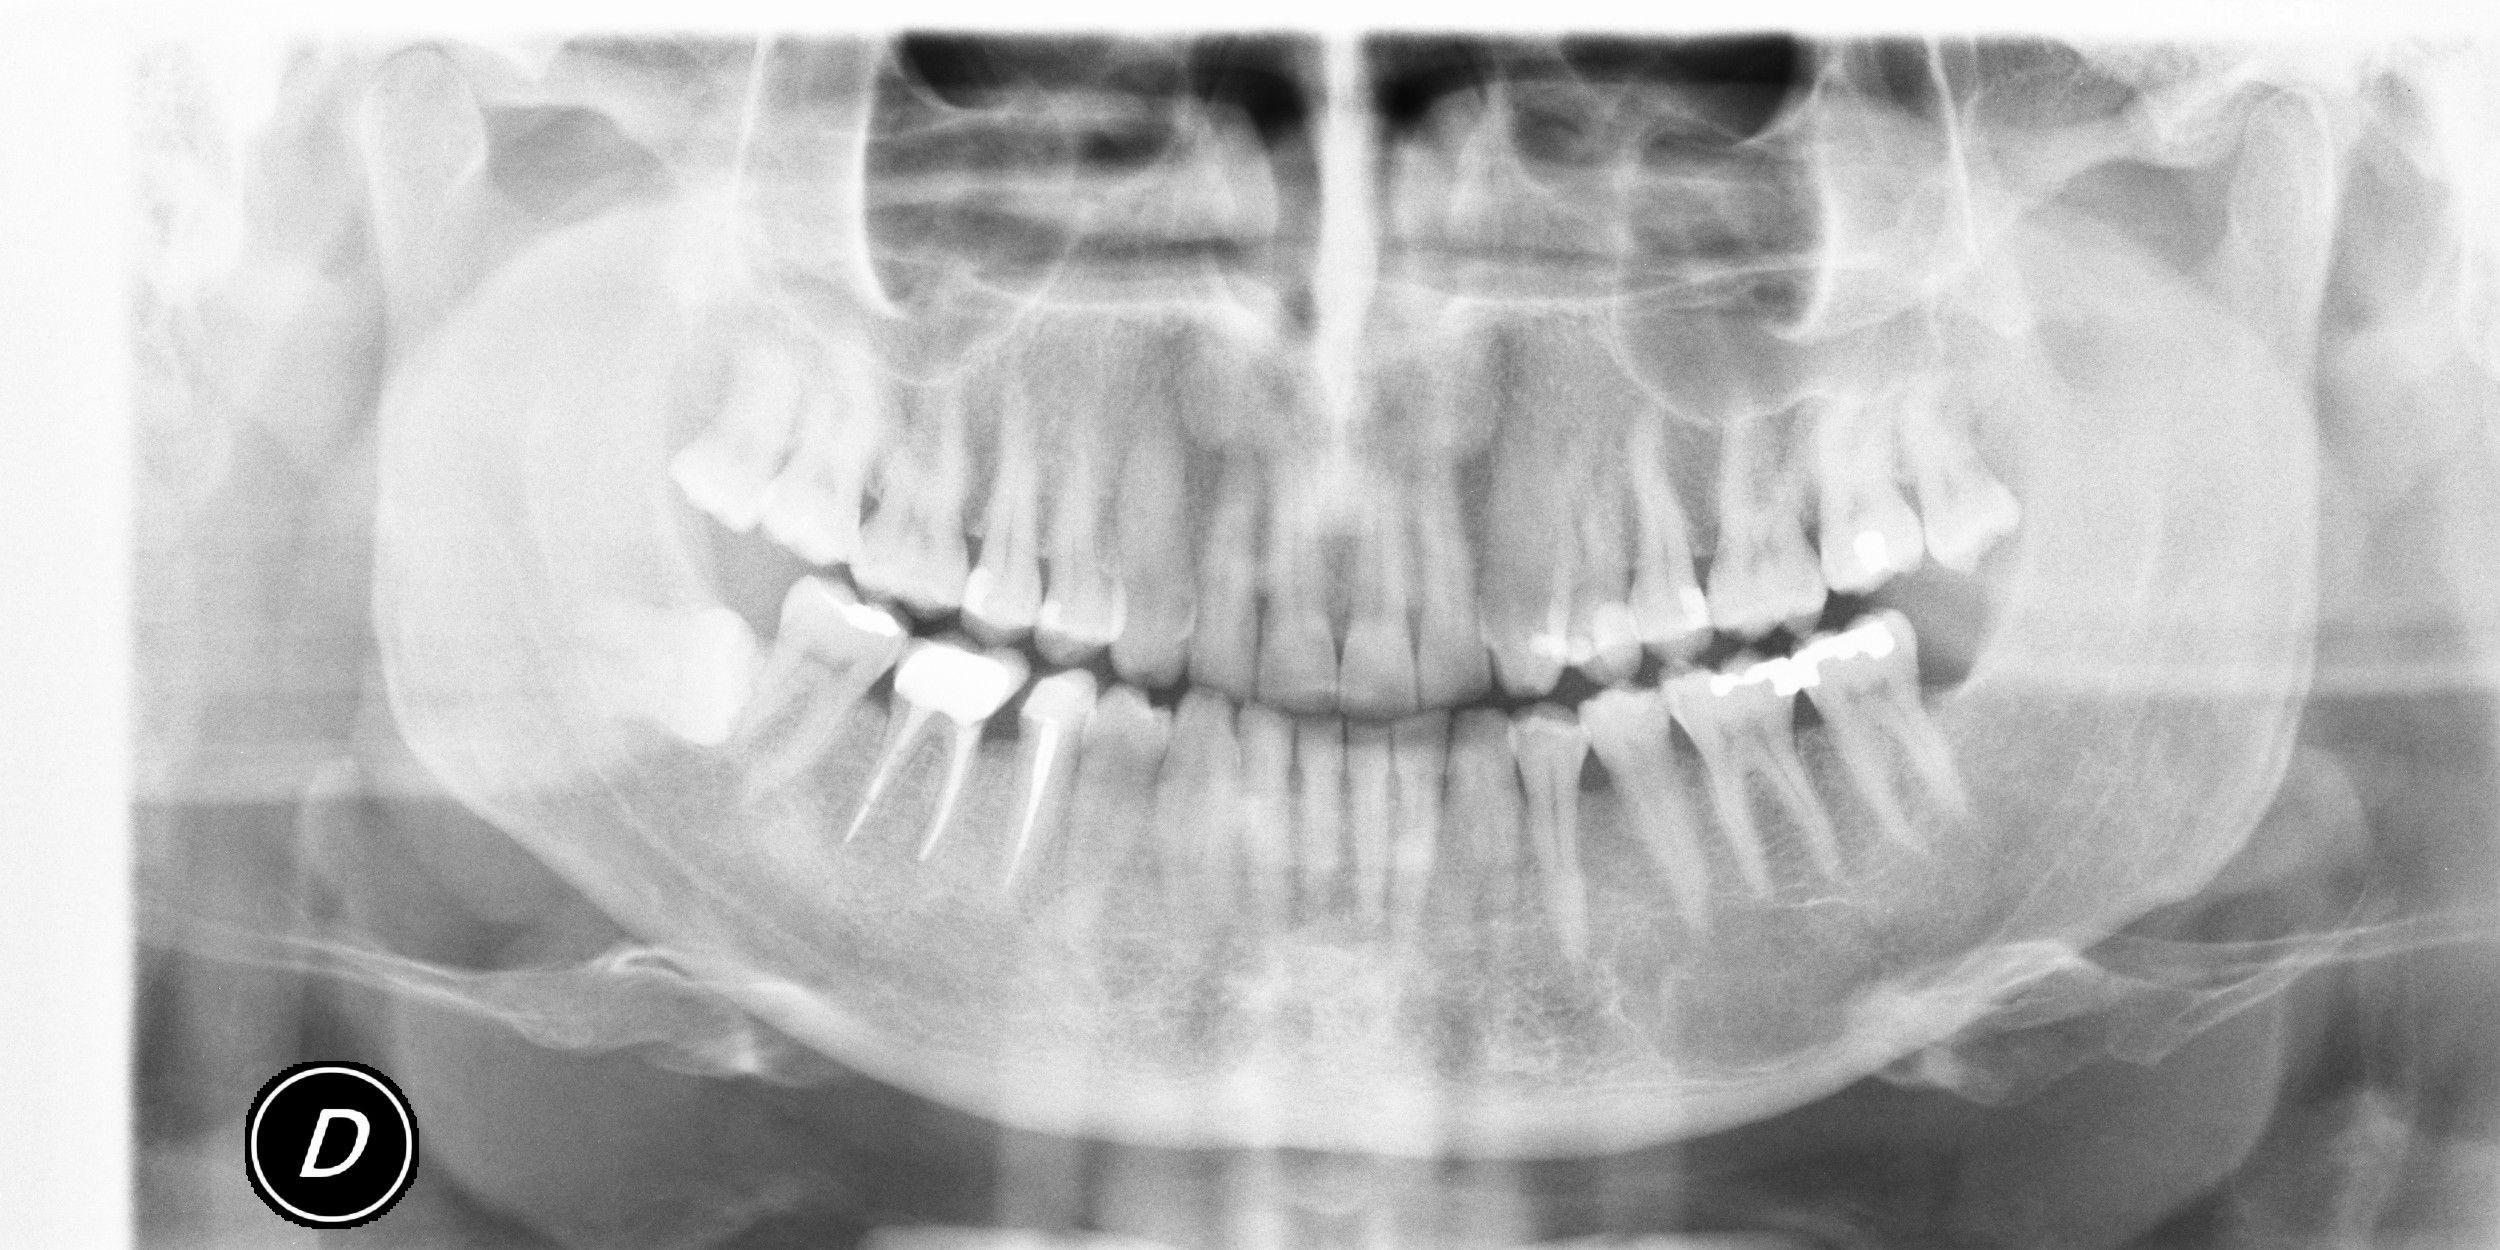 25 anni fa mi fu diagnosticata l'inclusione di tutti e due i denti del giudizio inferiori.